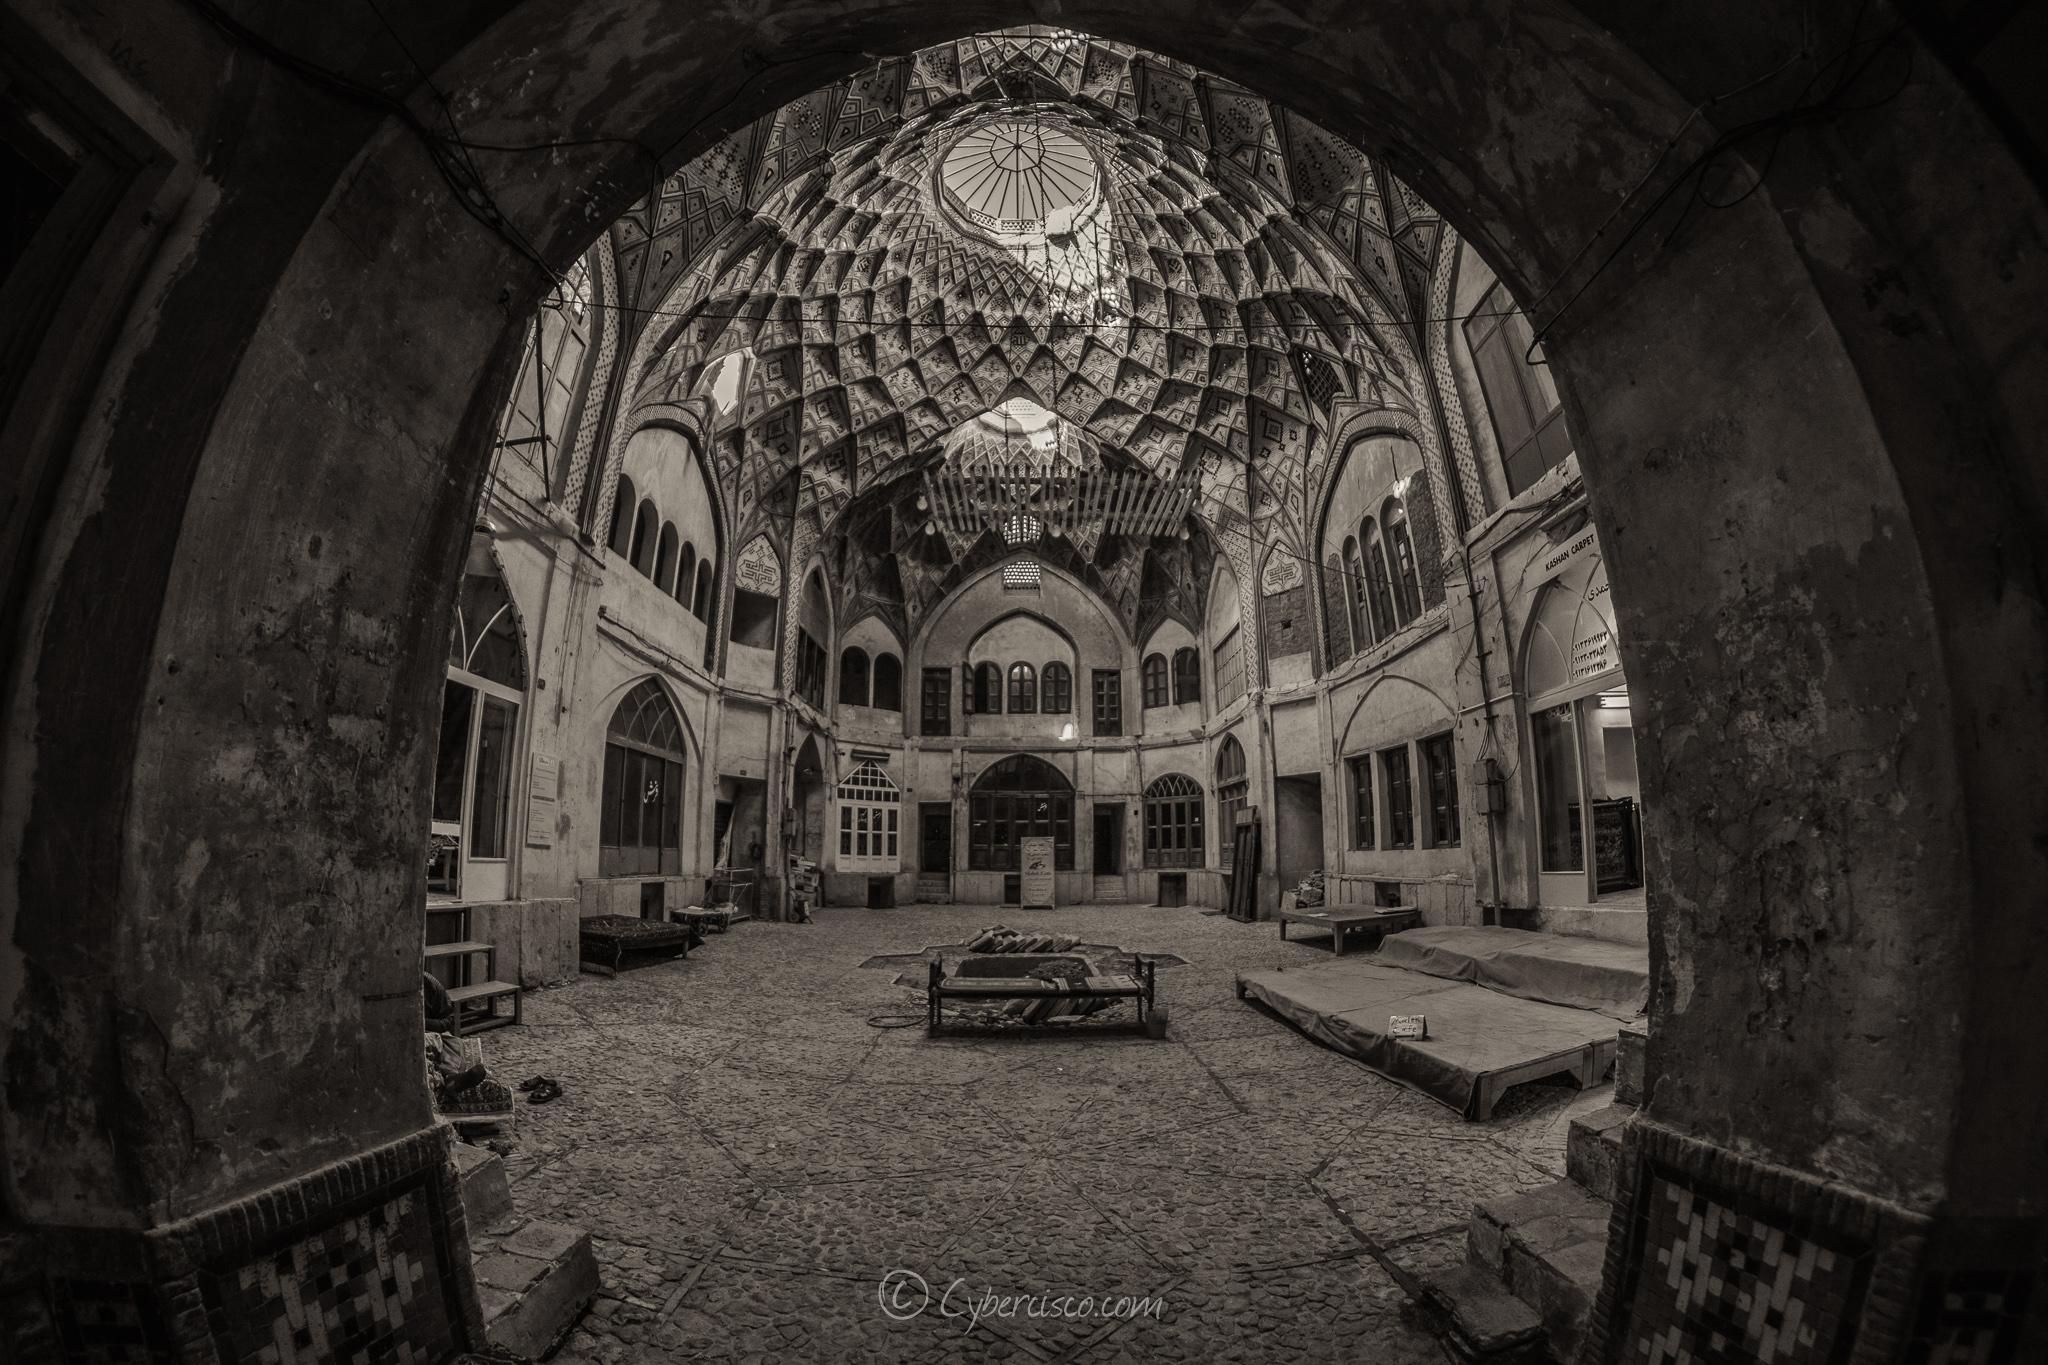 Bazaar, Iran